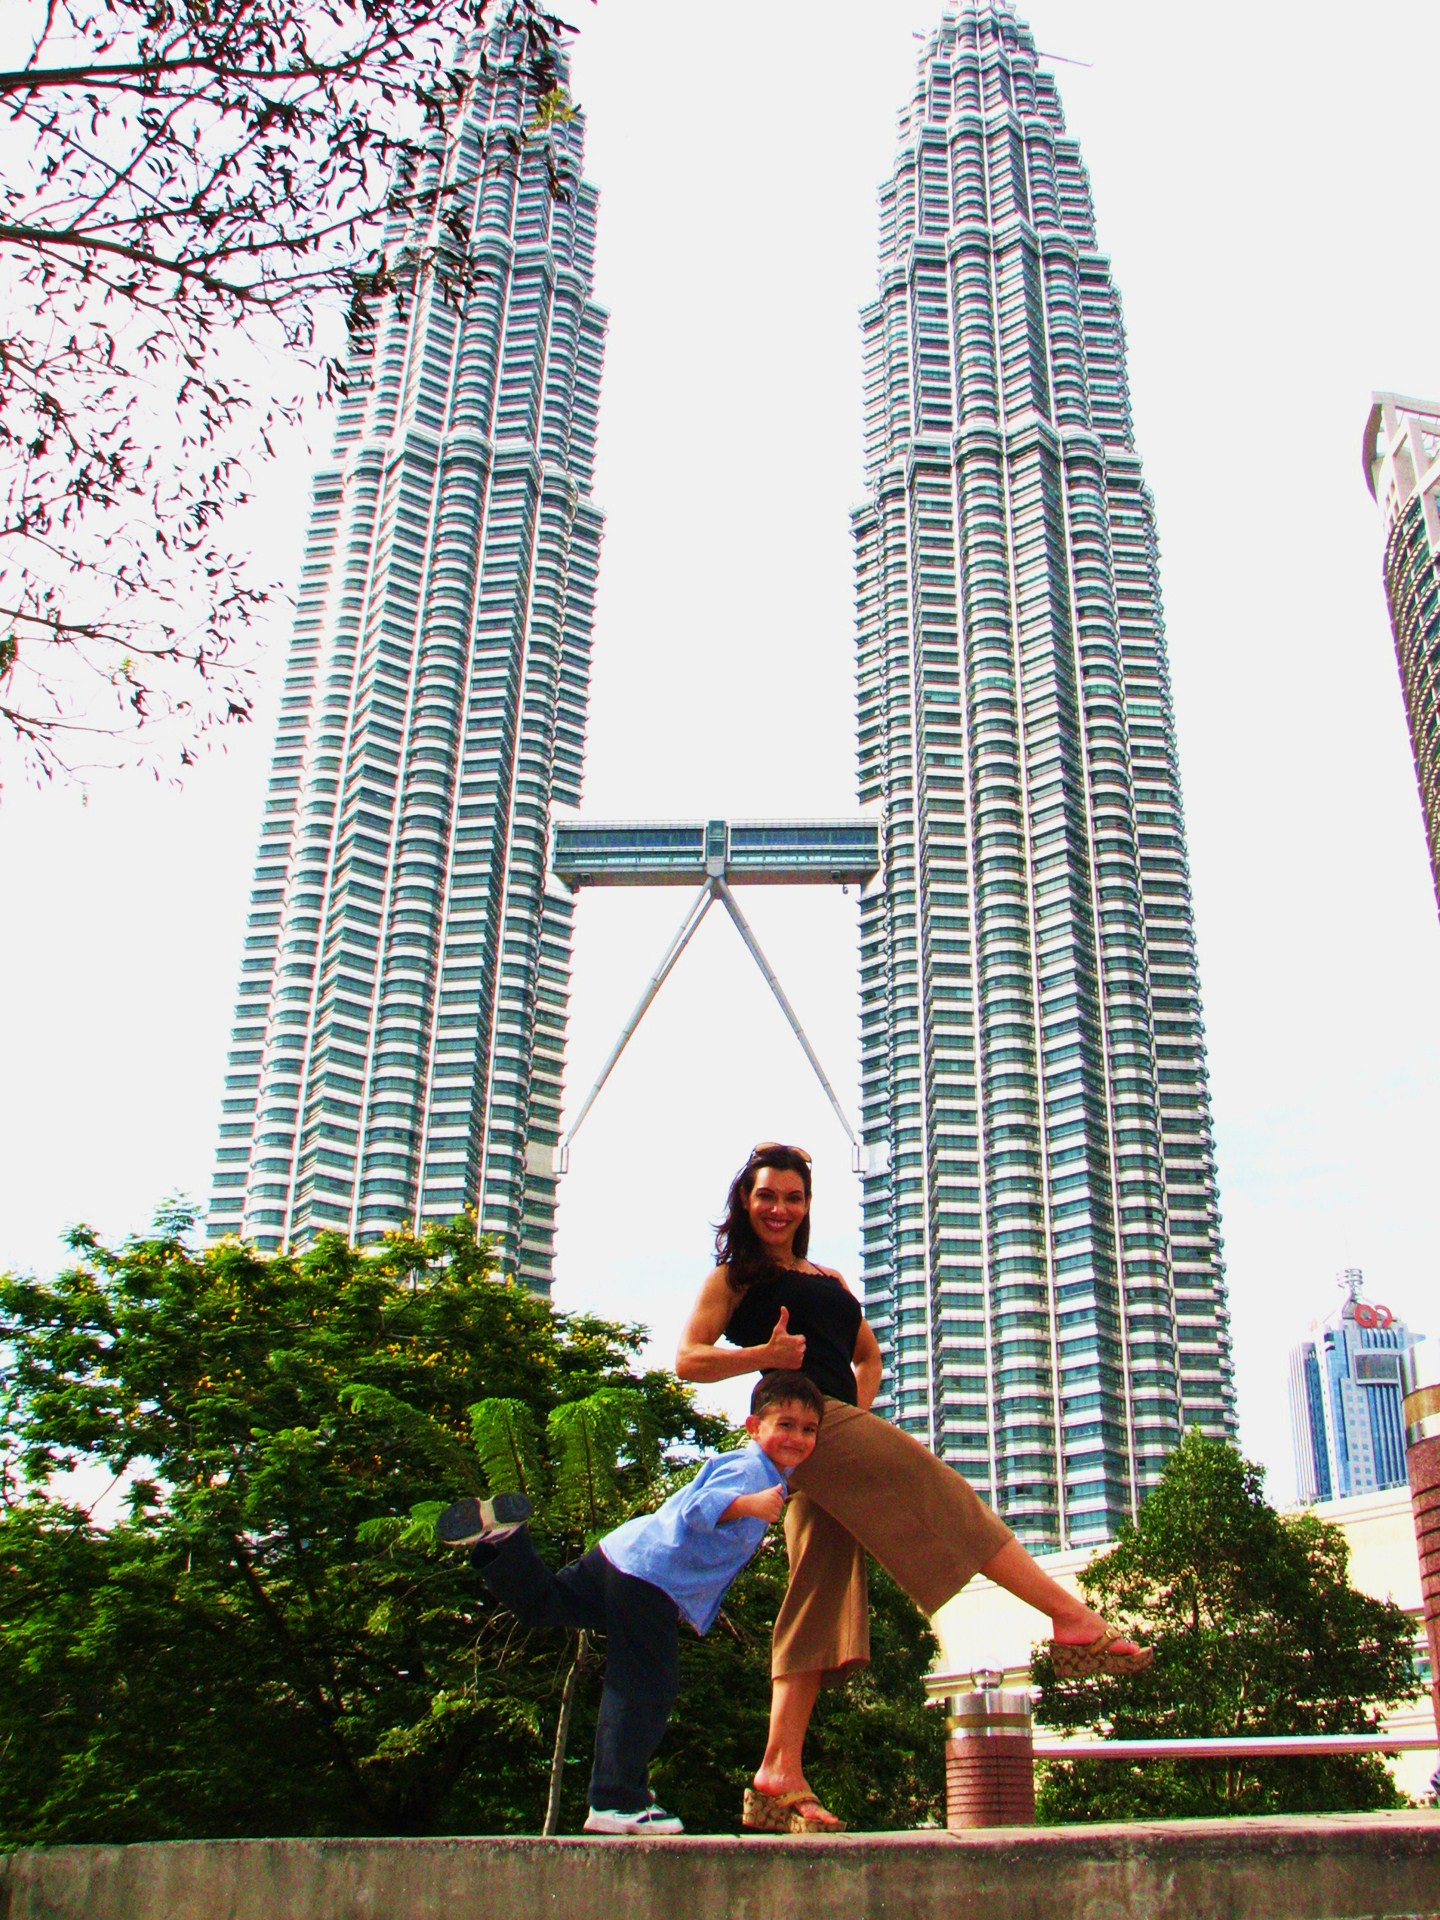 kuala_lumpur_malaysia_twin_towers_cat_and_ld_january_2008